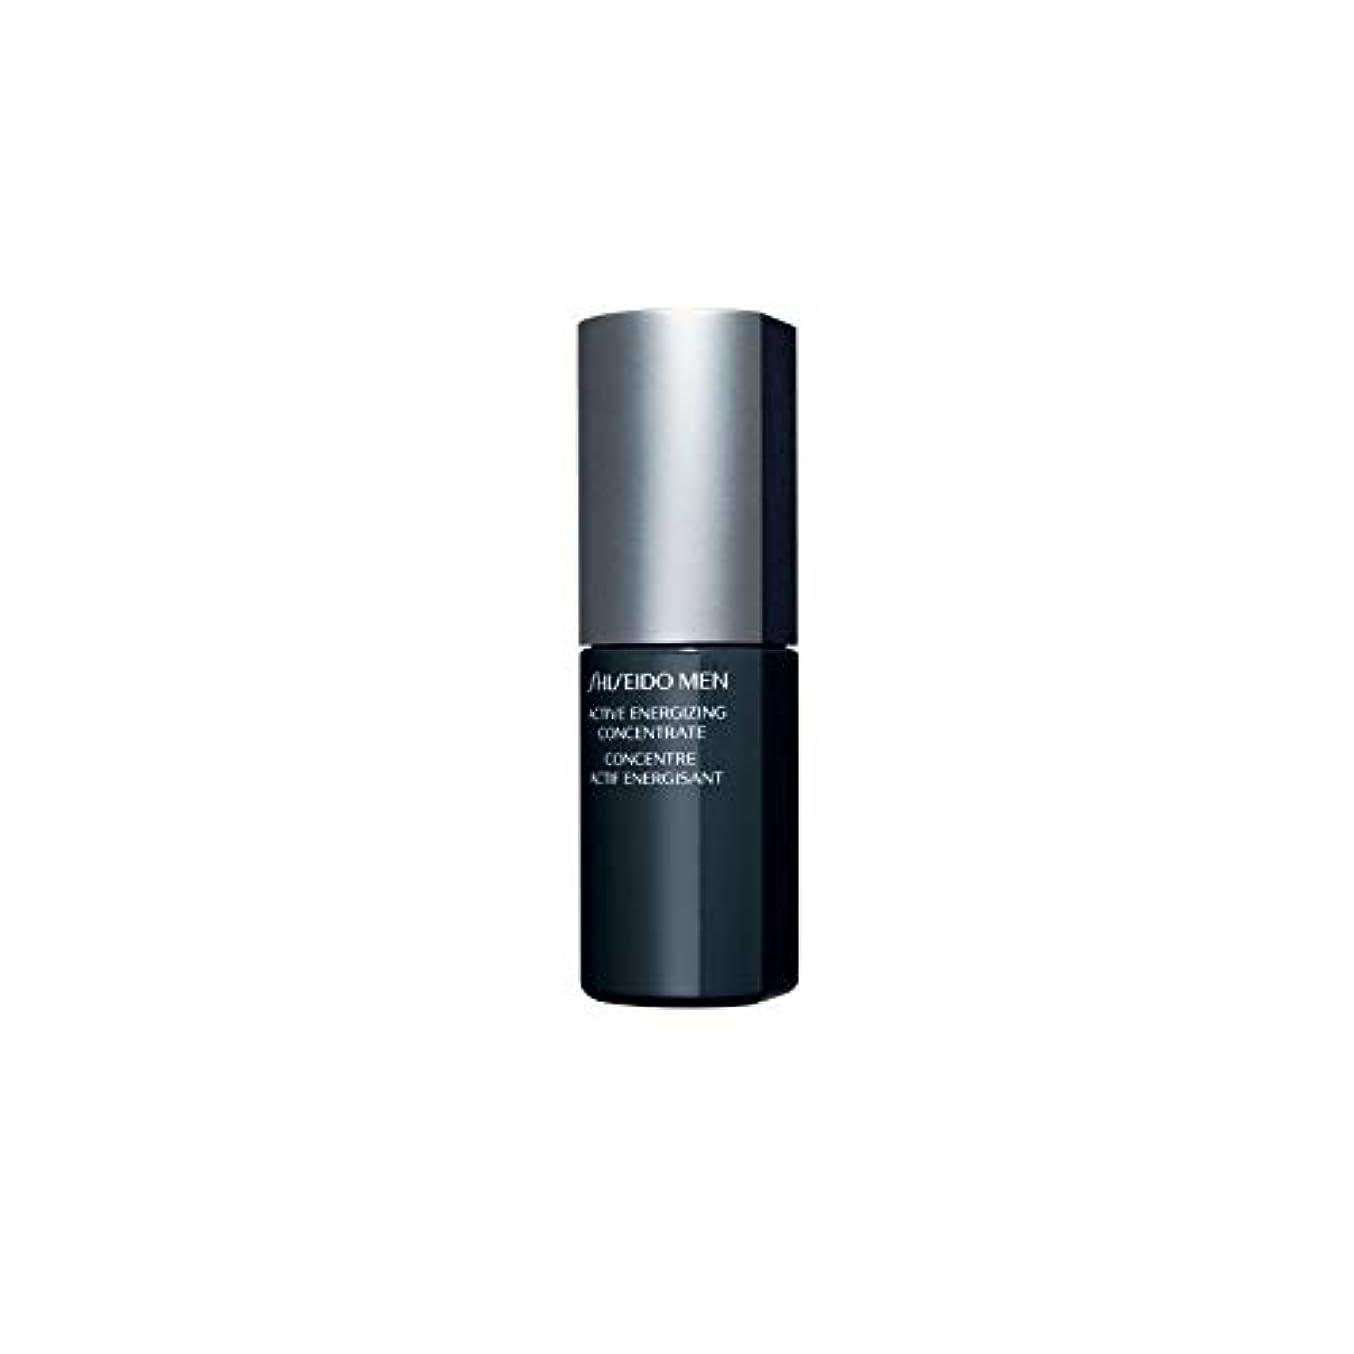 ジェム発行避けられない[Shiseido ] 資生堂メンズアクティブ通電濃縮液(50ミリリットル) - Shiseido Mens Active Energizing Concentrate (50ml) [並行輸入品]